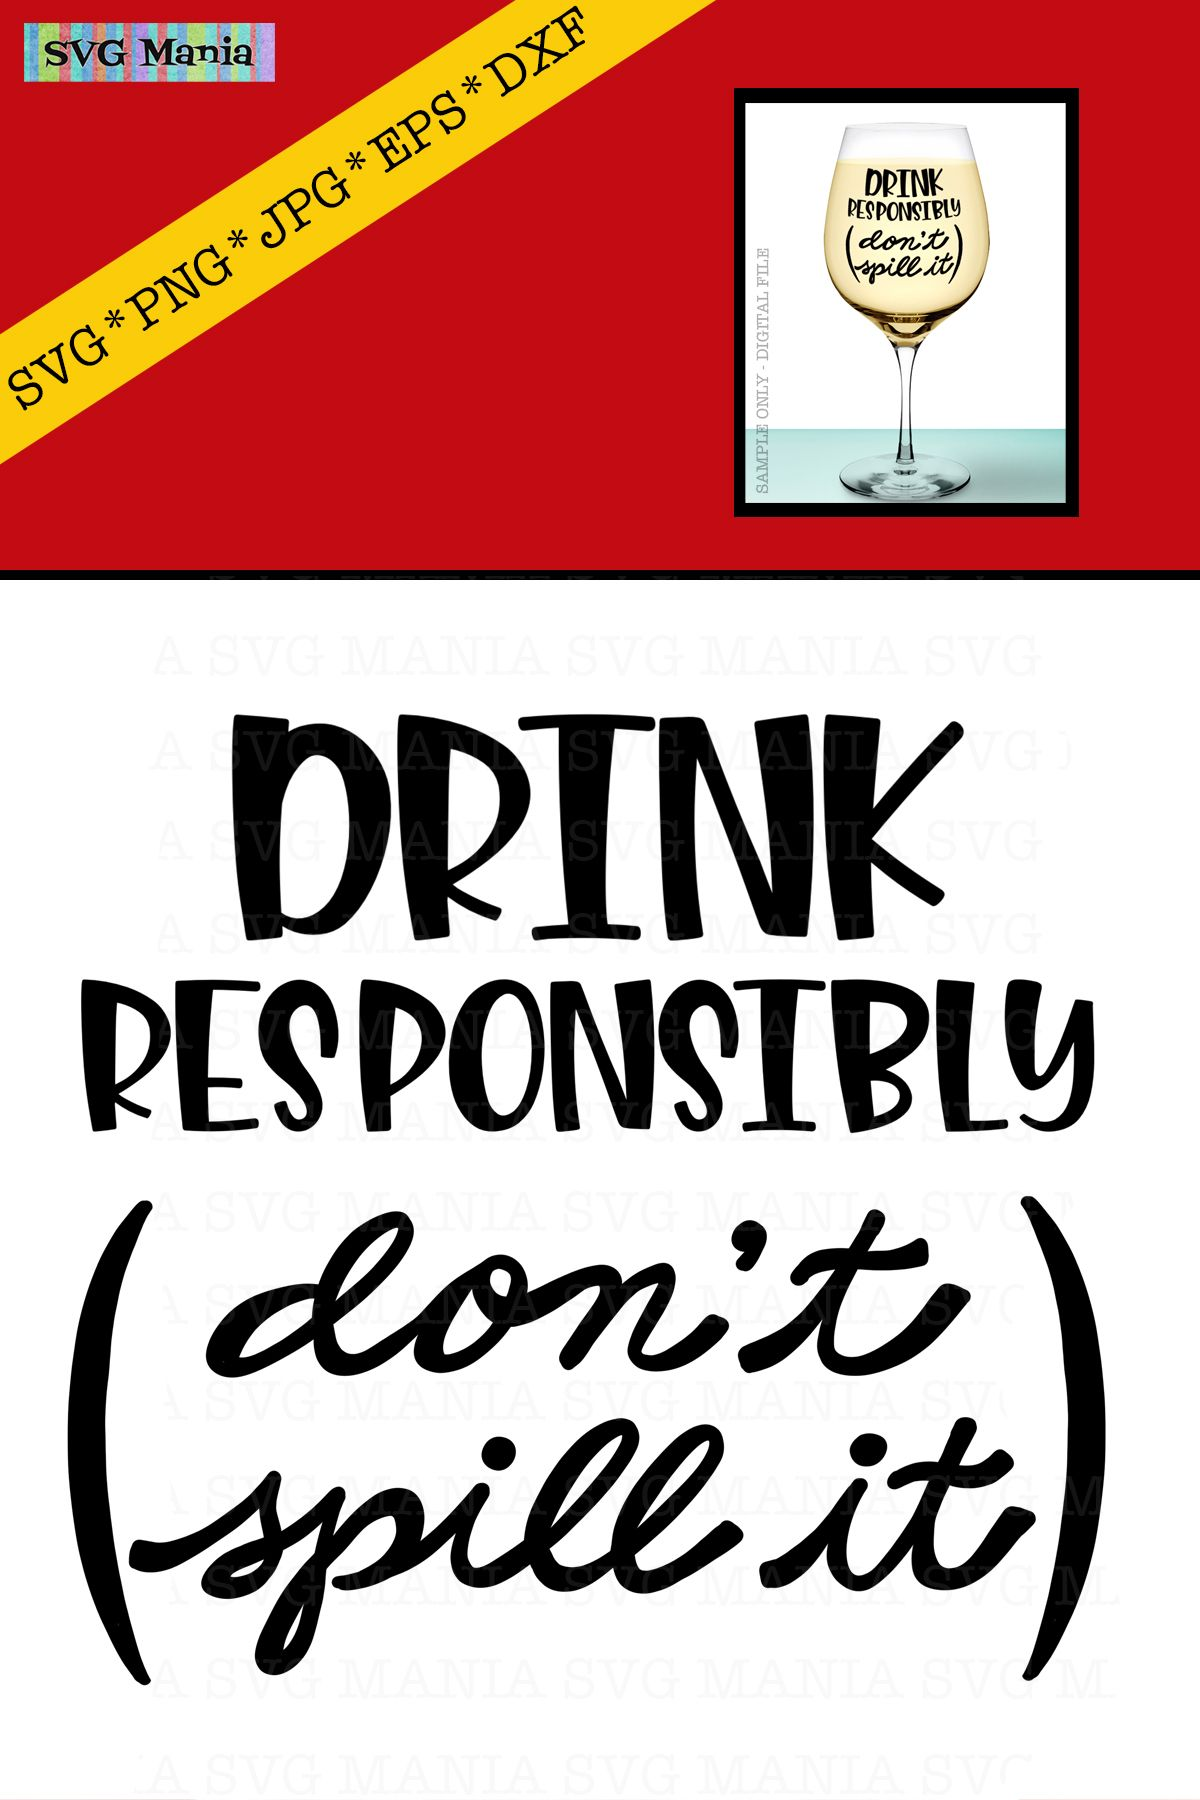 Download Funny Wine Glass Svg File Wine Glass Saying Svg Wine Svg 411318 Svgs Design Bundles Wine Glass Sayings Funny Wine Glass Wine Quotes Funny